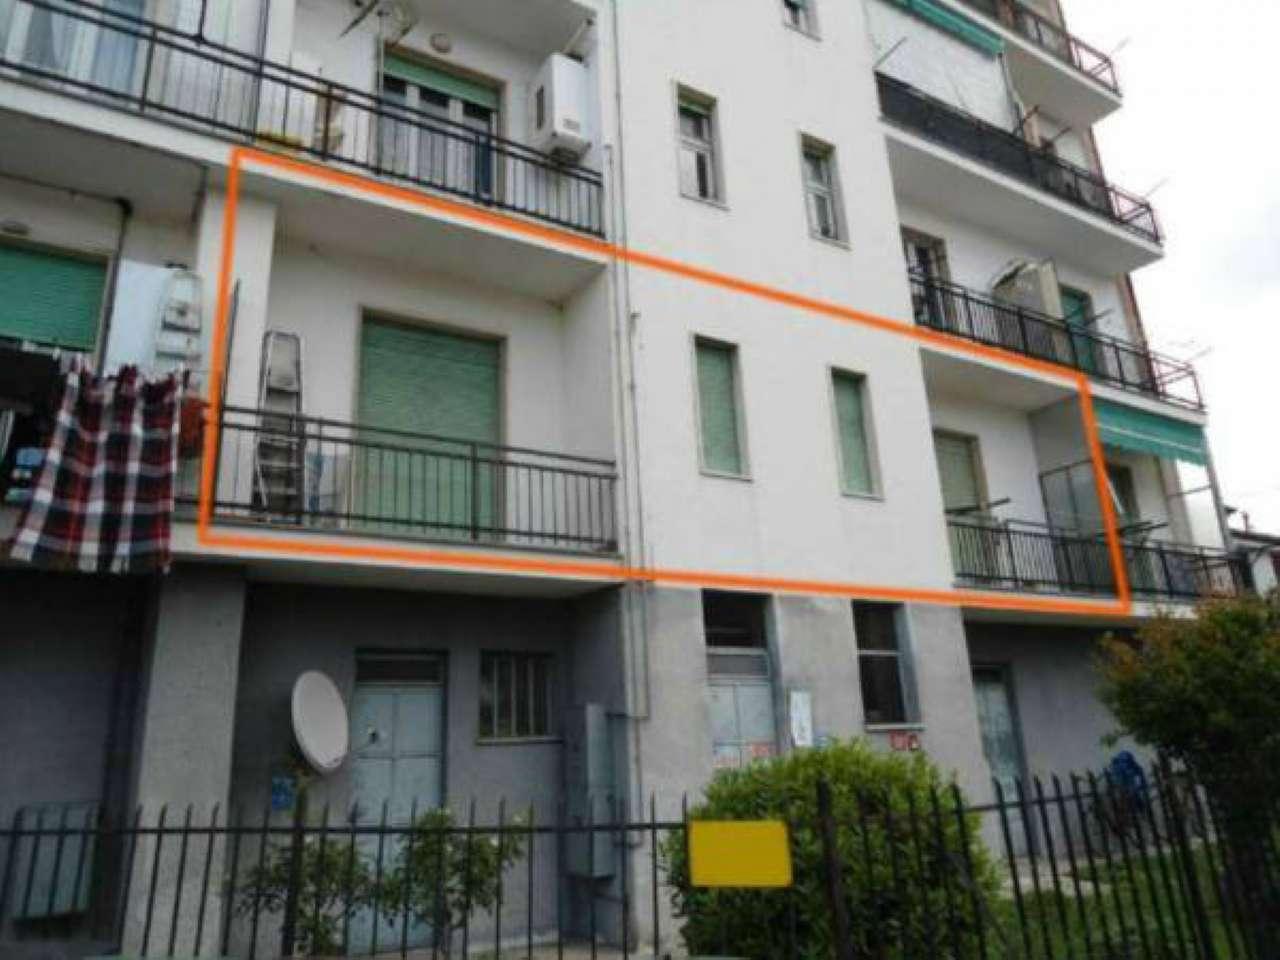 Appartamento in vendita a Villanova d'Asti, 2 locali, prezzo € 35.000 | Cambio Casa.it